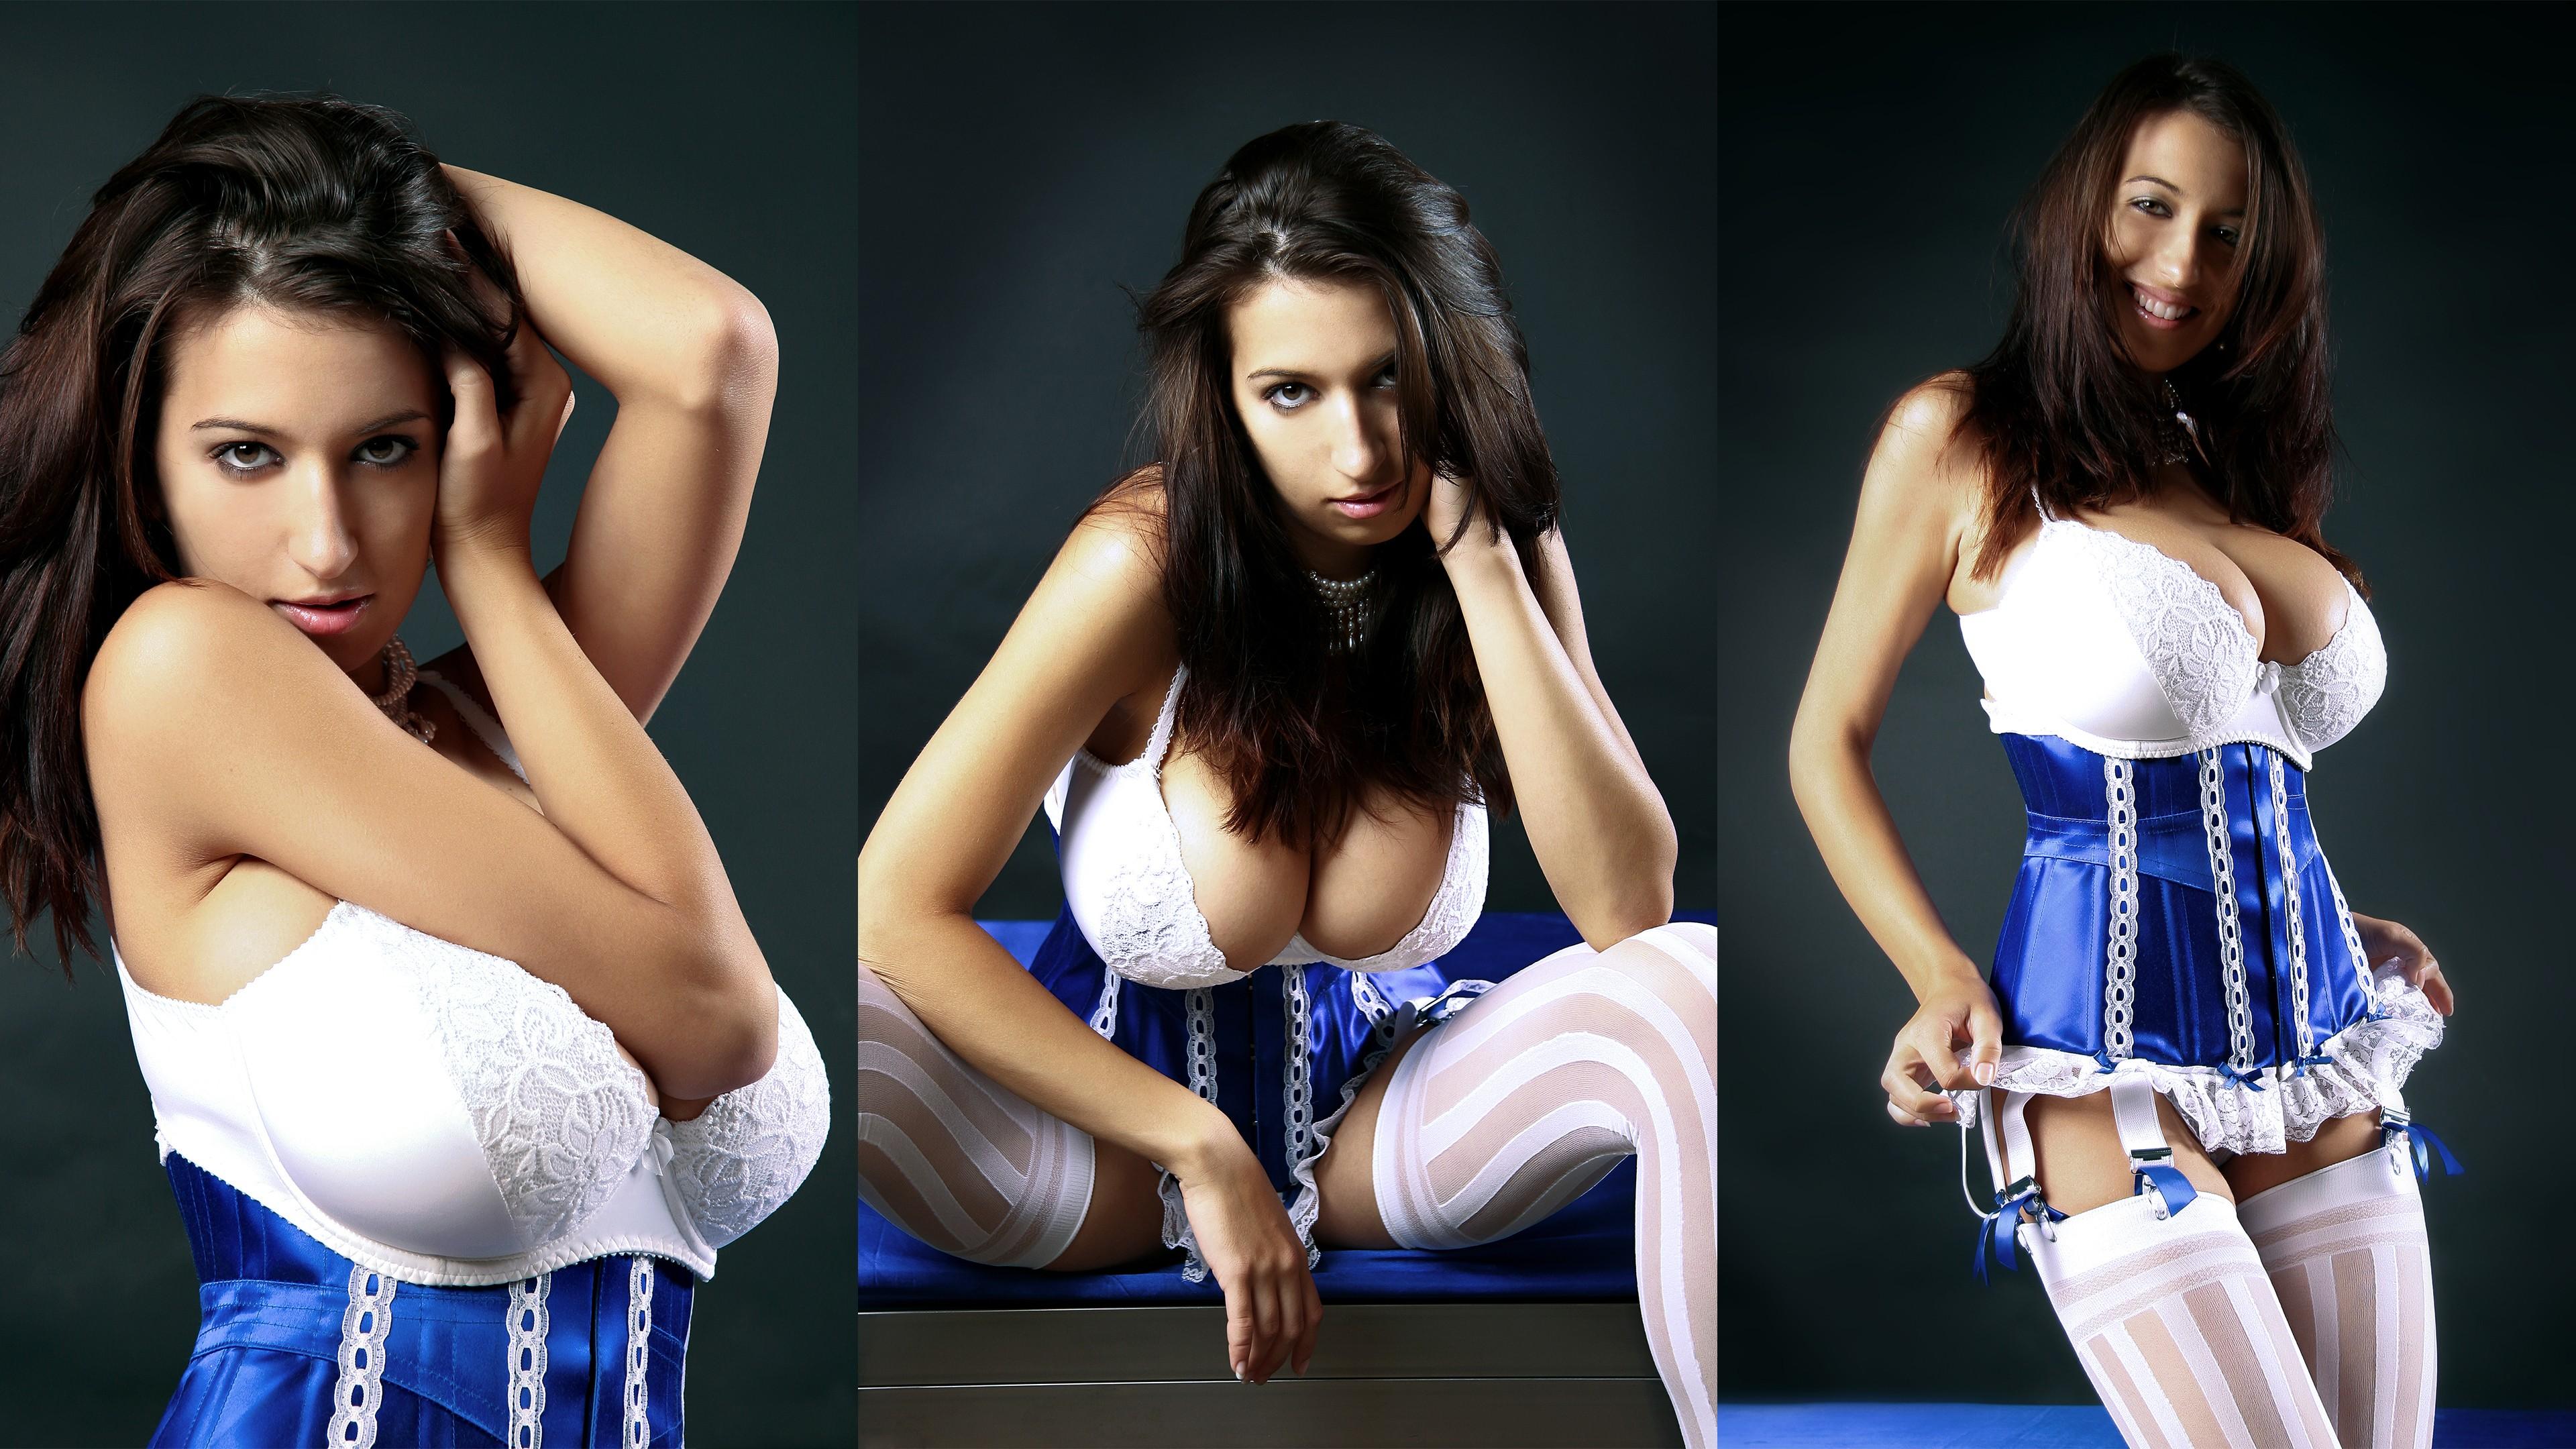 Большие сиськи срочное фото, красивые девушки с красивым грудью